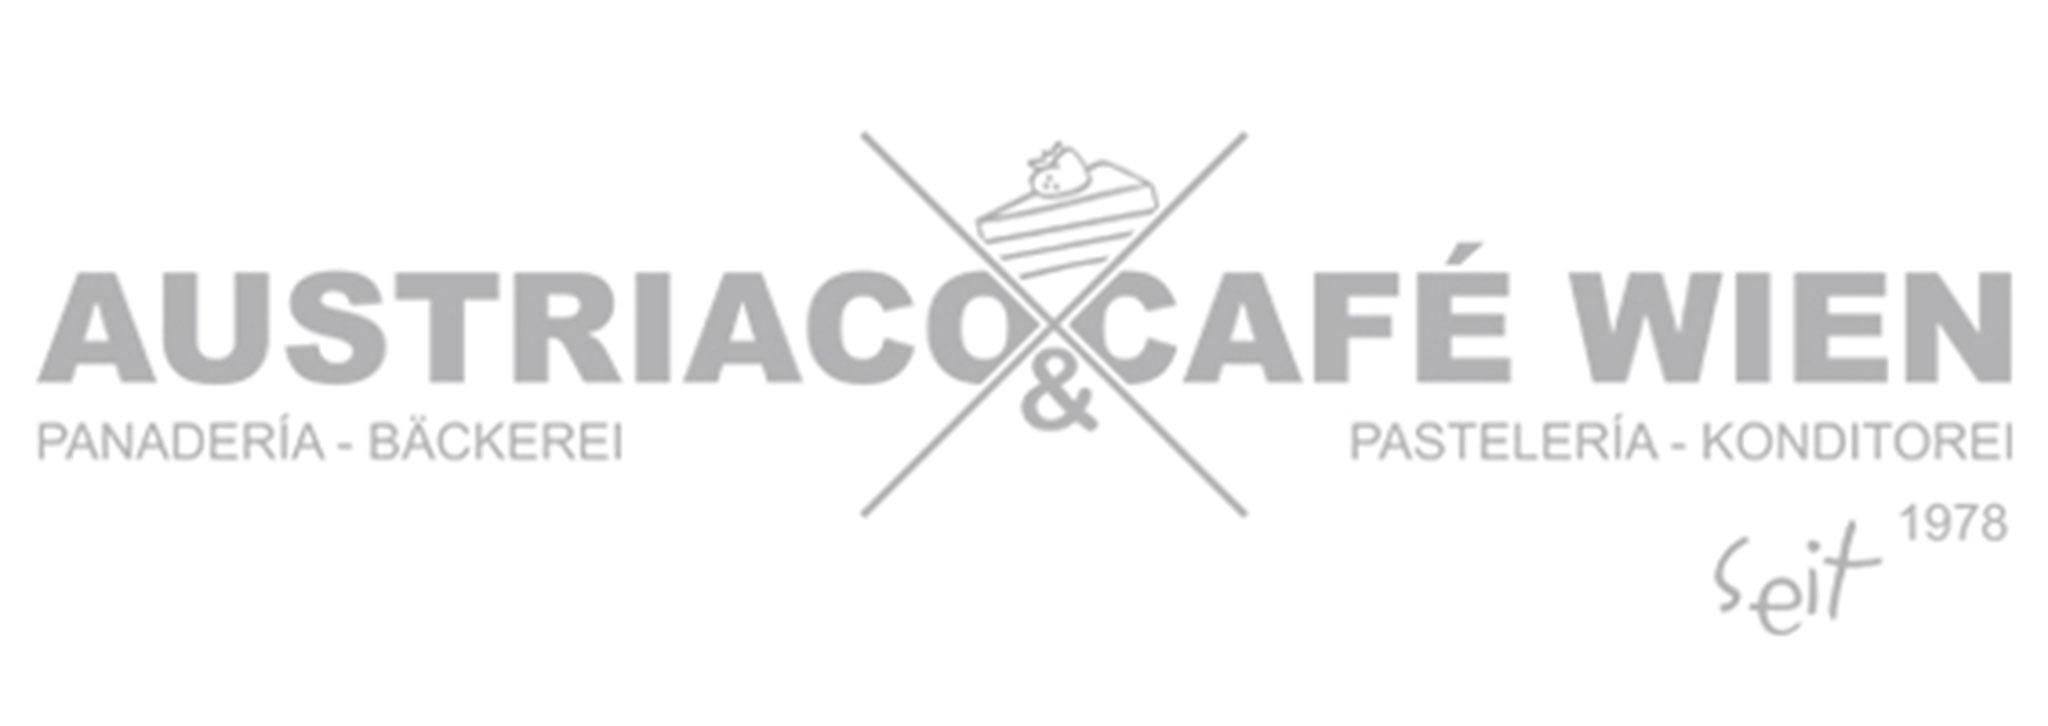 Logotipo de Austriaco Café Wien